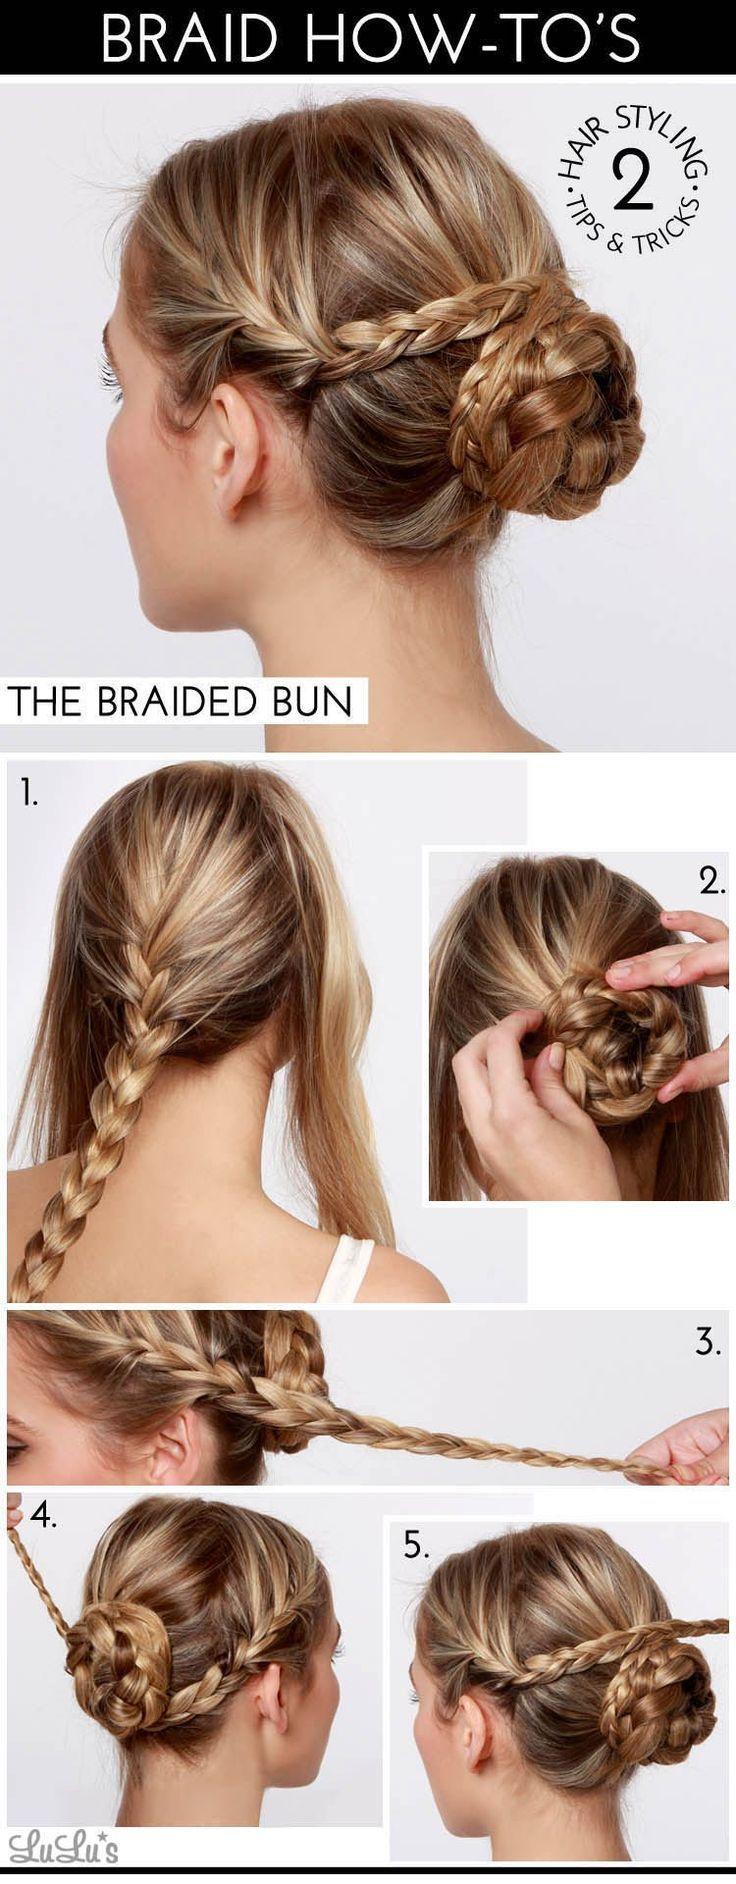 coiffures pour femmes faciles à faire soi-même en moins de cinq minutes  81 via http://ift.tt/2axo7TJ